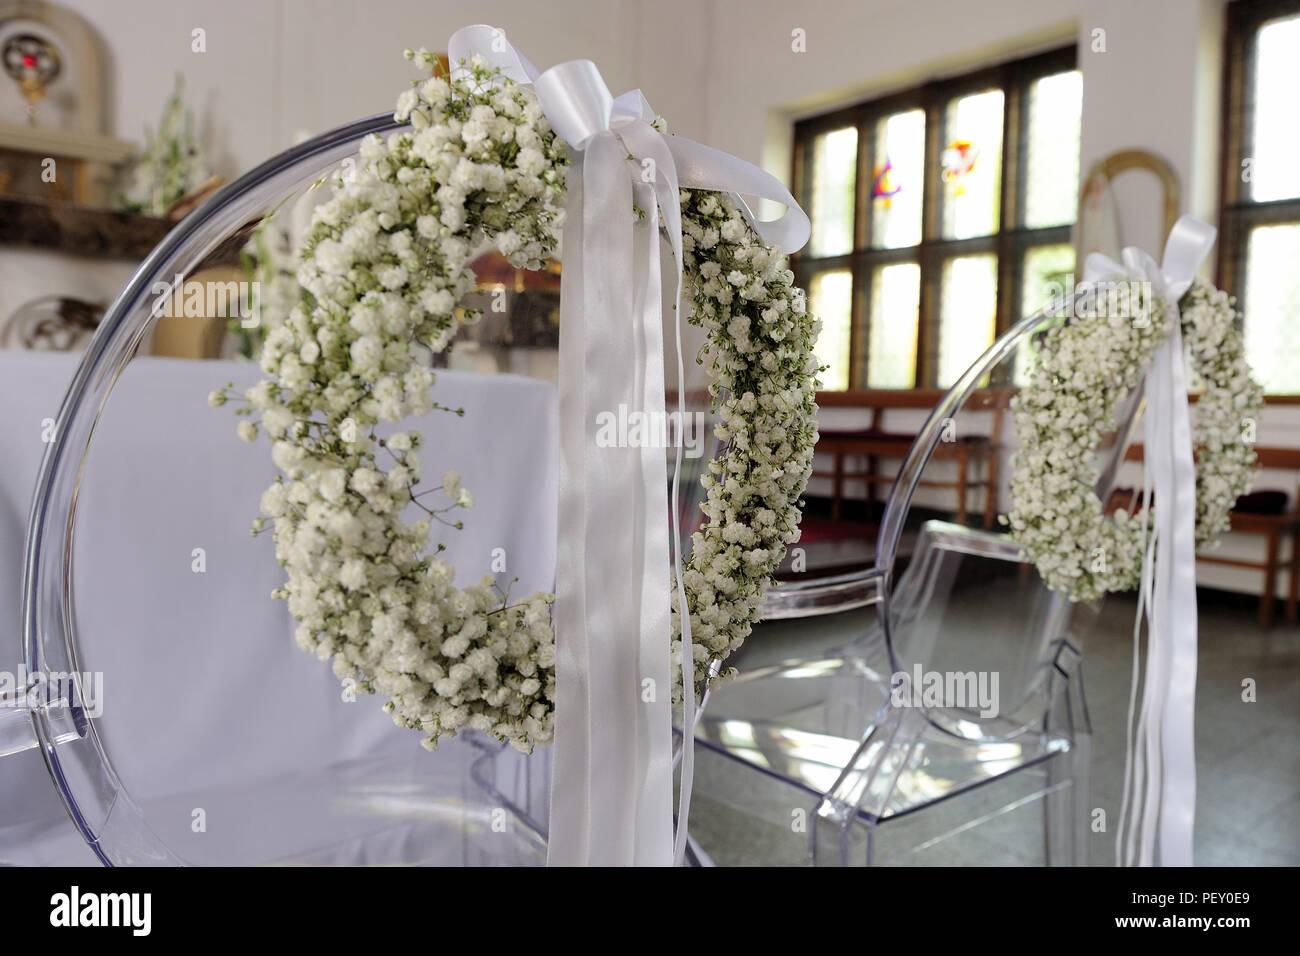 Feier Schonheit Hochzeit Kirche Blumen Zubereitungen Frische